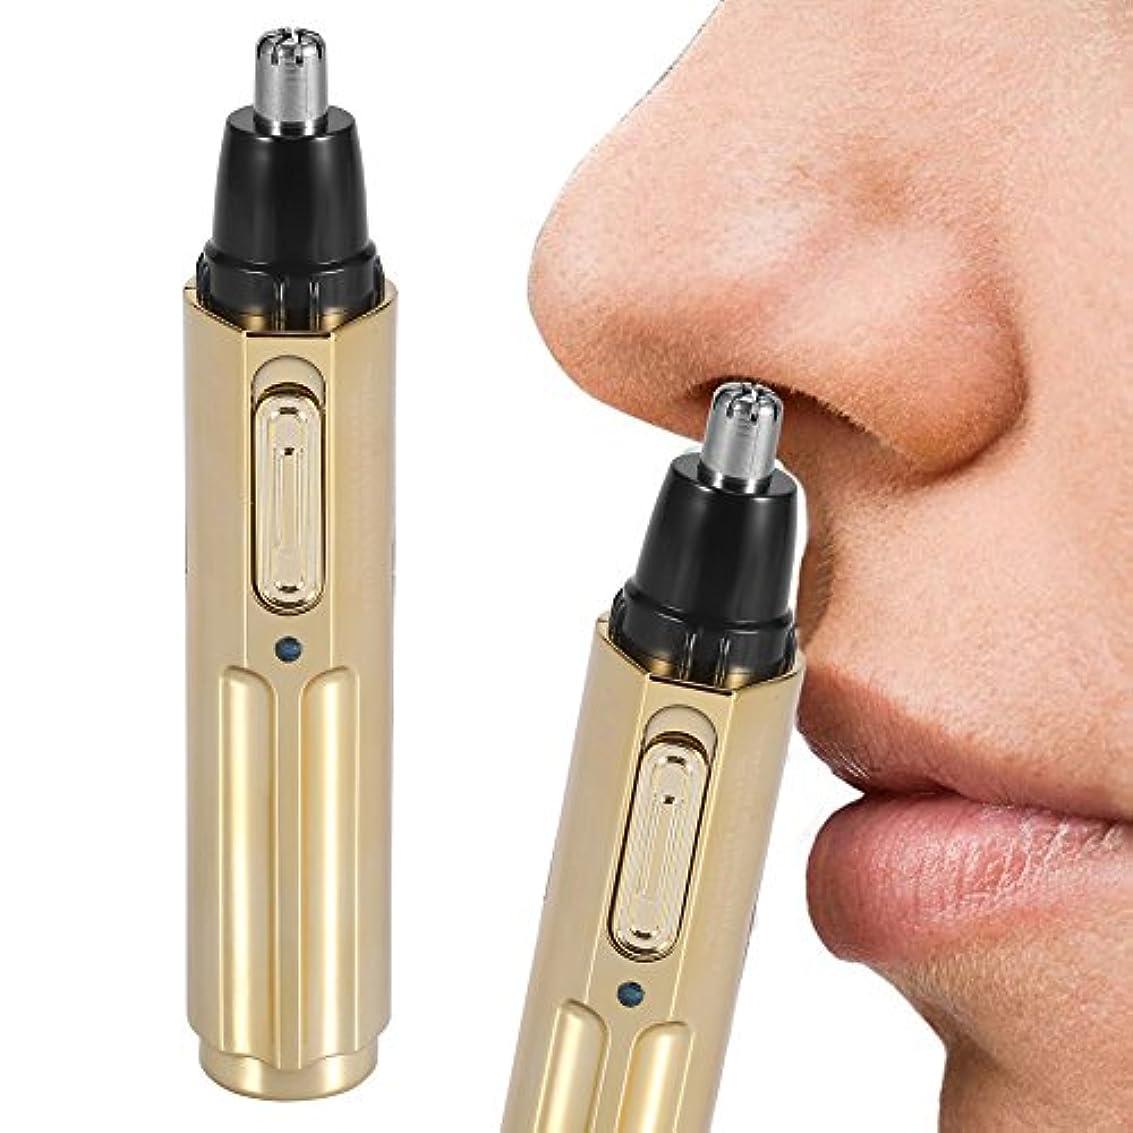 エチケットカッター 鼻毛カッター 鼻毛/耳毛カッター 鼻毛切り 鼻毛の処理 充電式360度回転式 水洗い可 携帯便利 男女兼用 高速モーター搭載